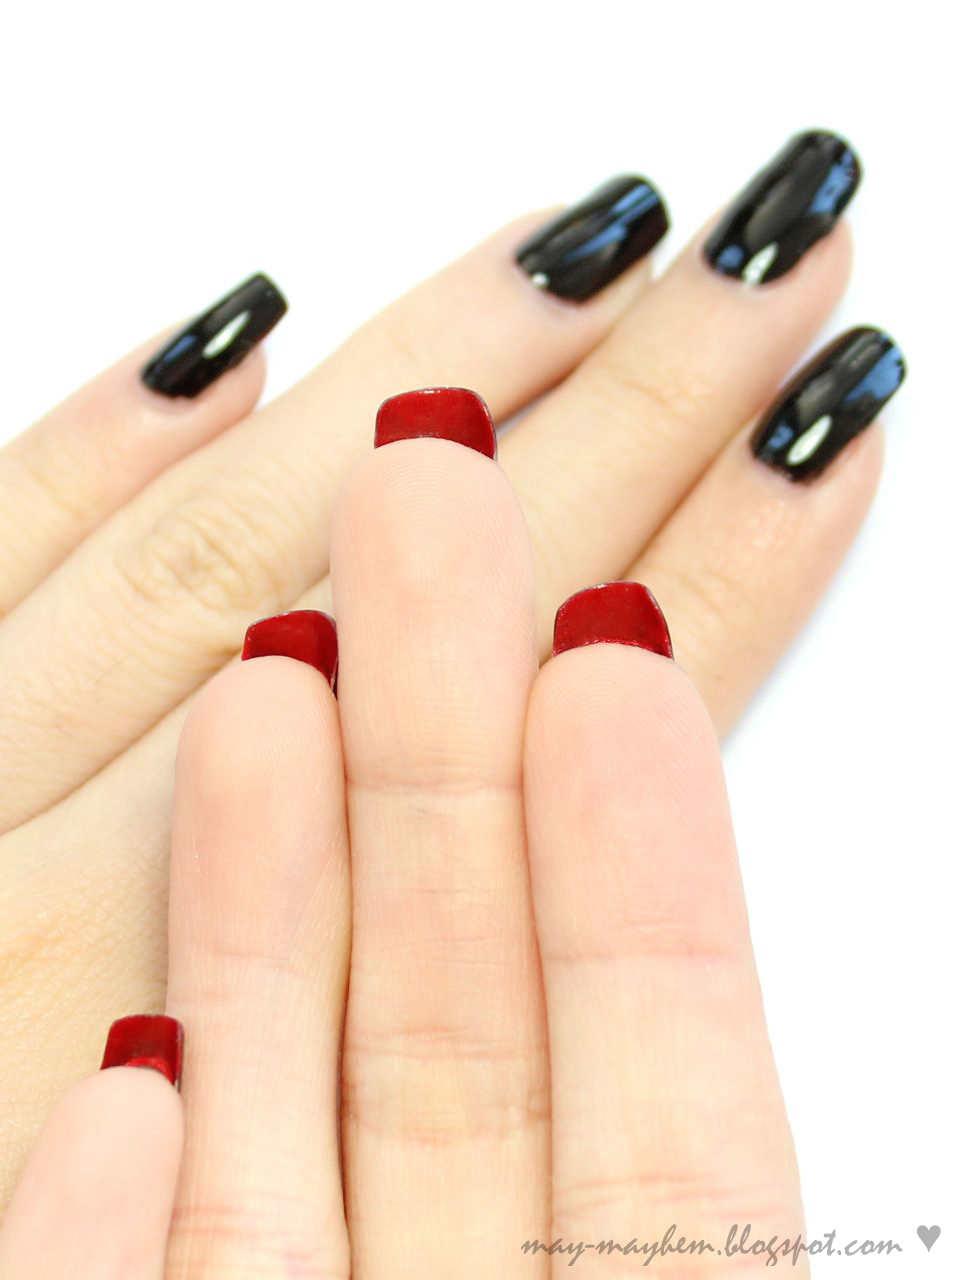 Louboutin Inspired Nails by MissMMayhem